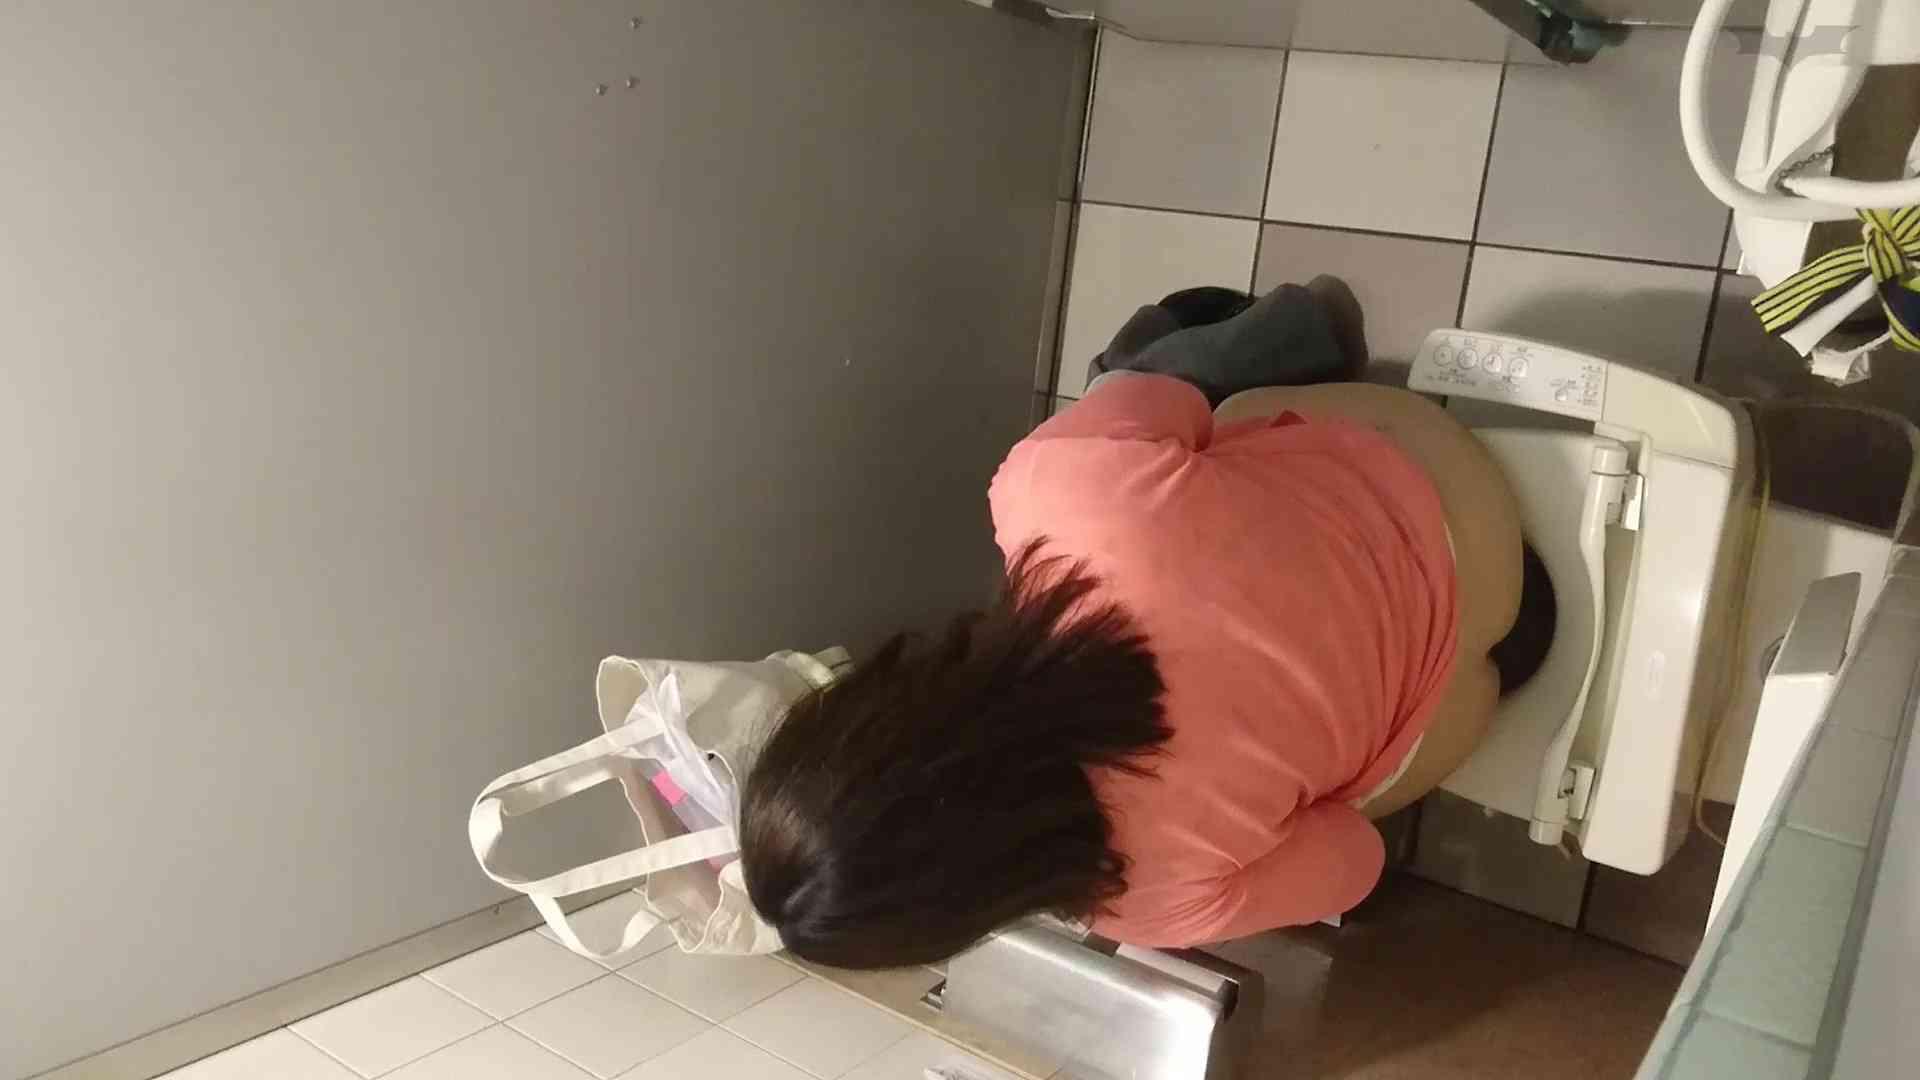 化粧室絵巻 ショッピングモール編 VOL.20 洗面所シーン おまんこ無修正動画無料 72画像 68